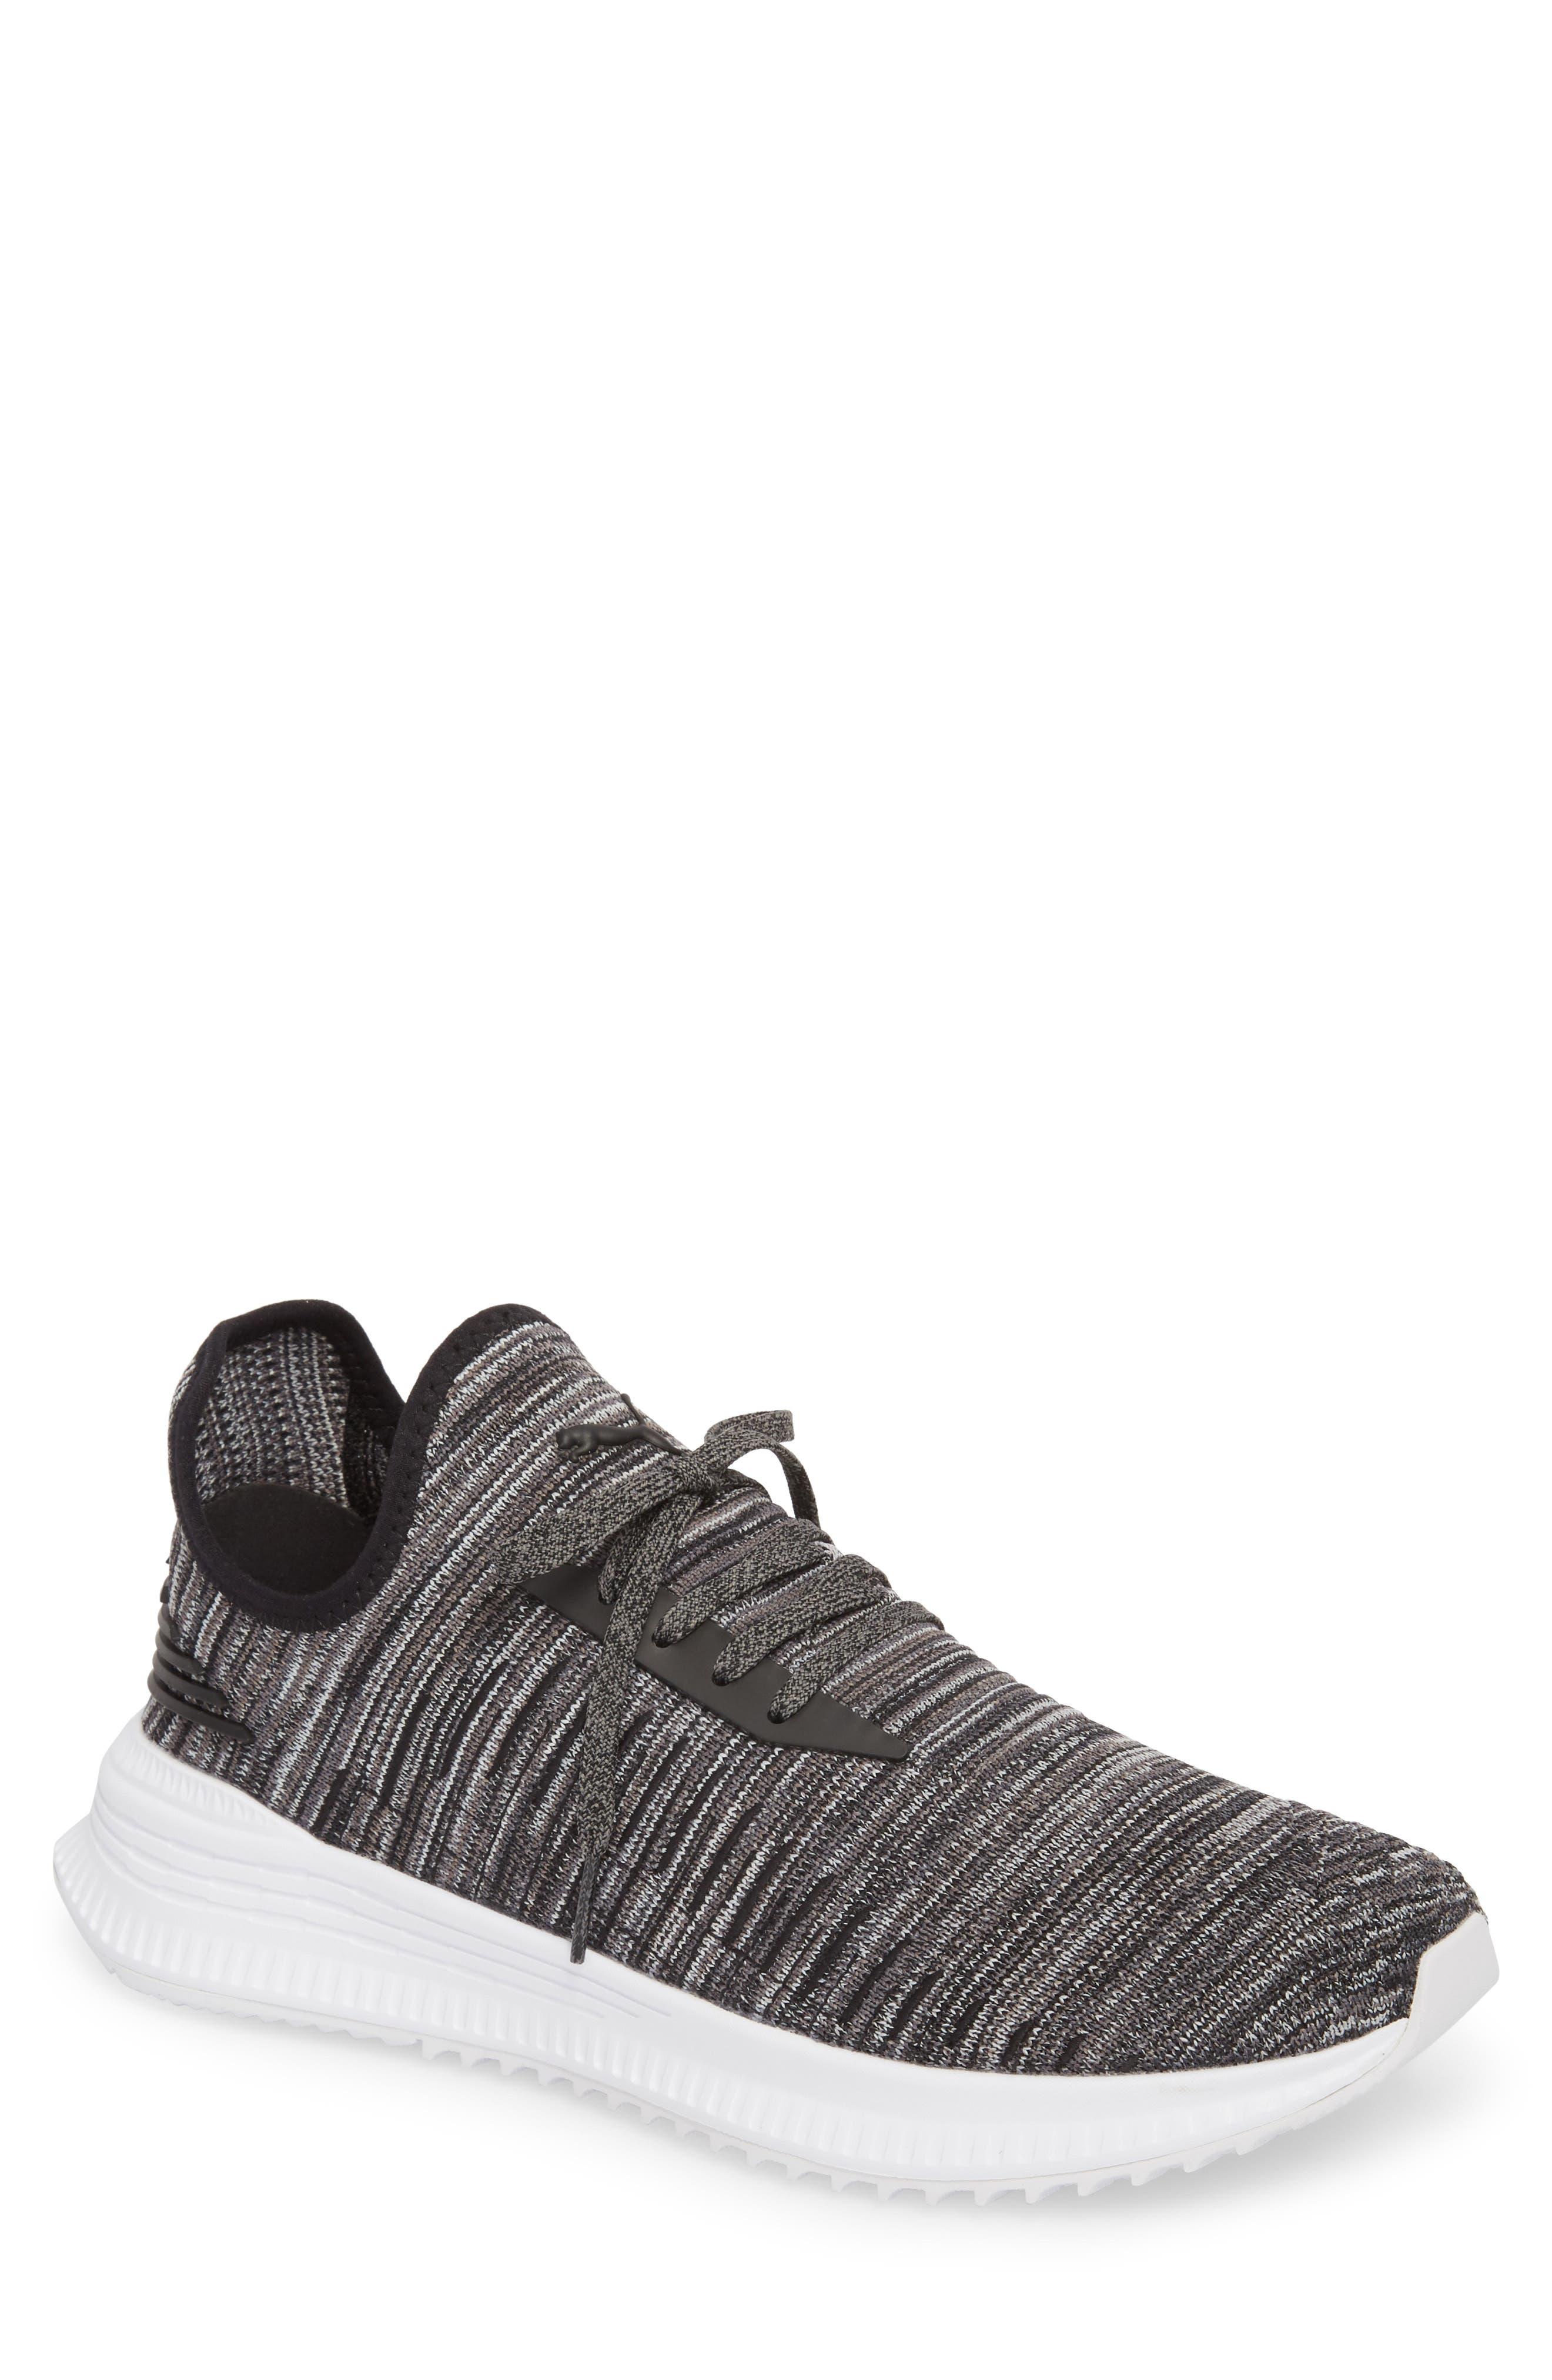 Tsugi 90 Sneaker,                             Main thumbnail 1, color,                             Black